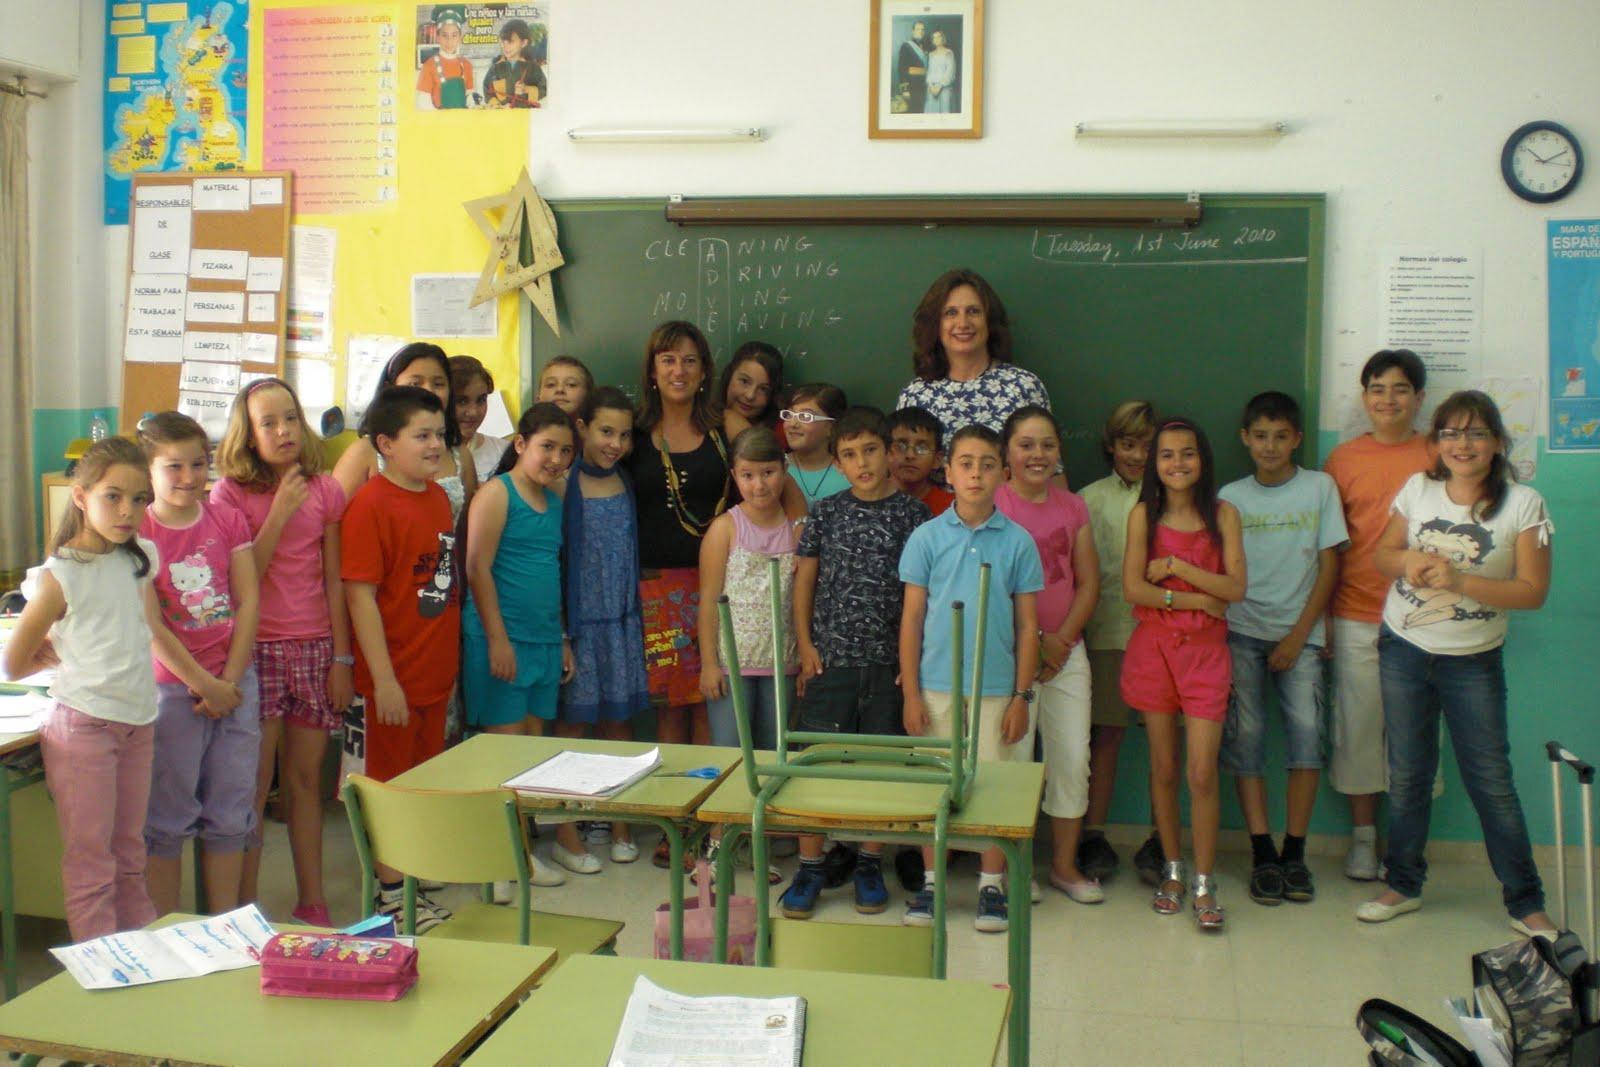 Mar a cristina salas colegio ciudad jard n de cartagena for Instituto ciudad jardin